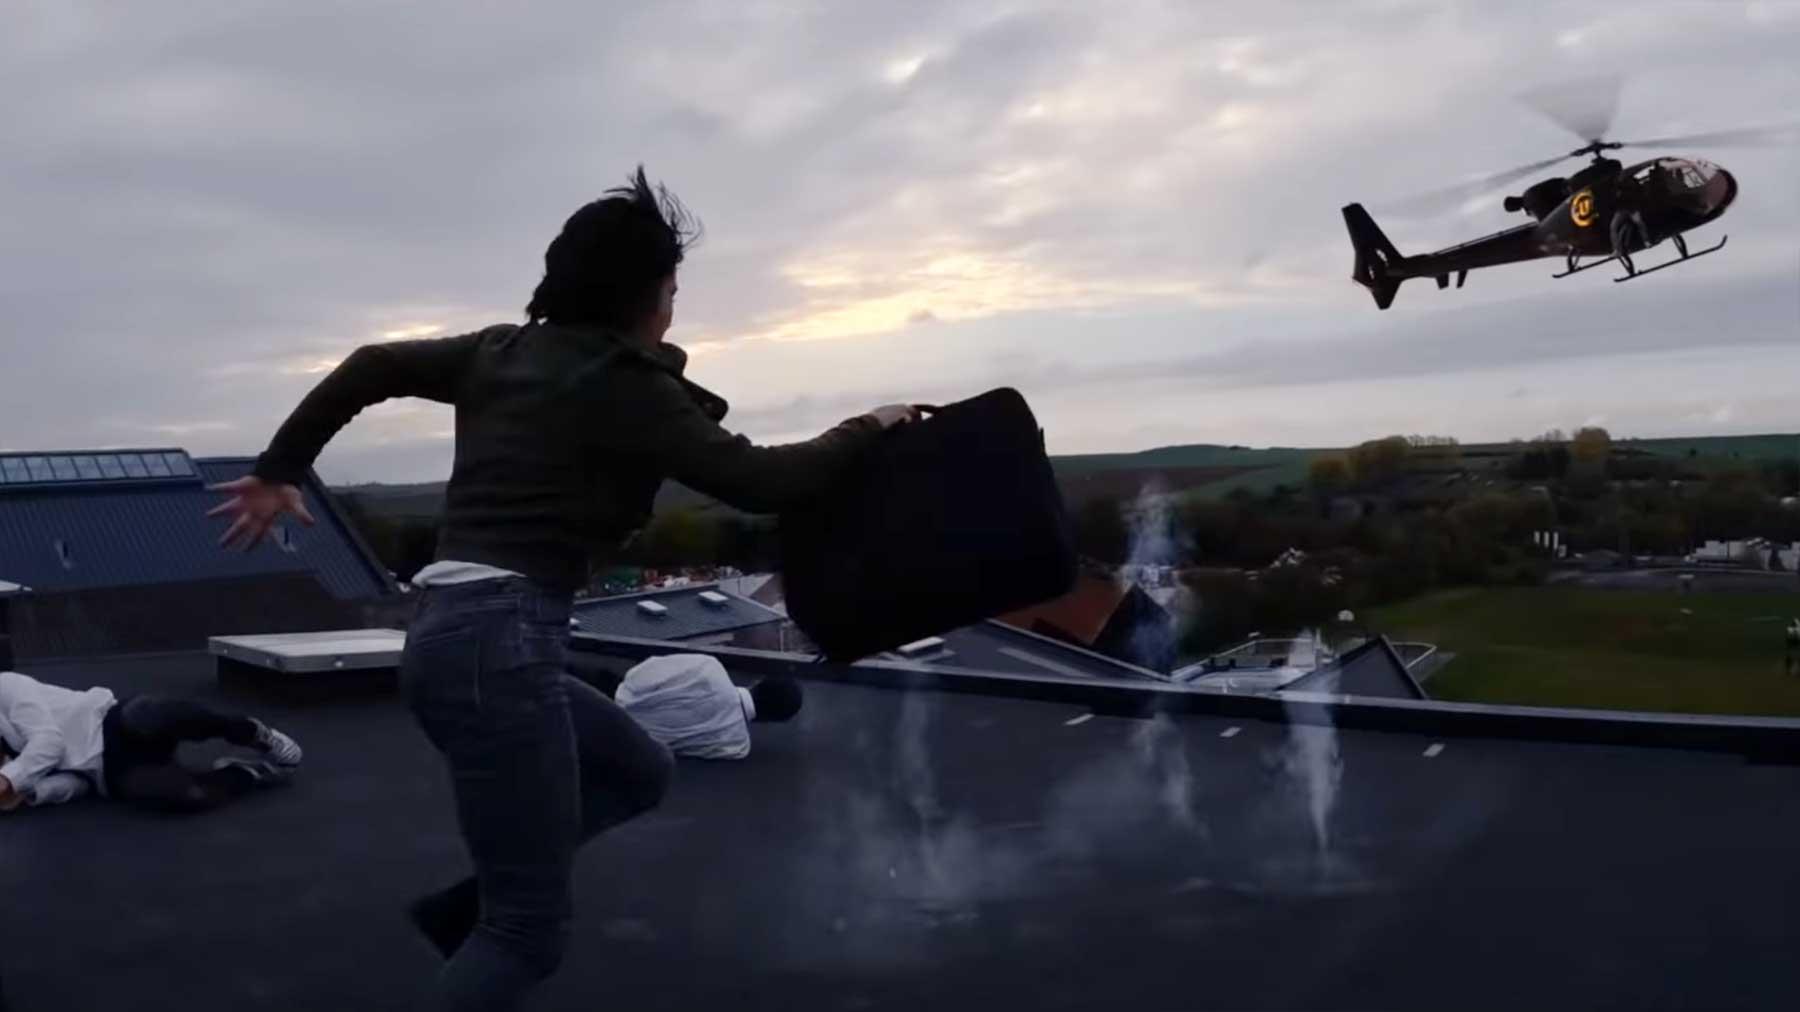 So cool wirbt eine Stunt-Schule für sich